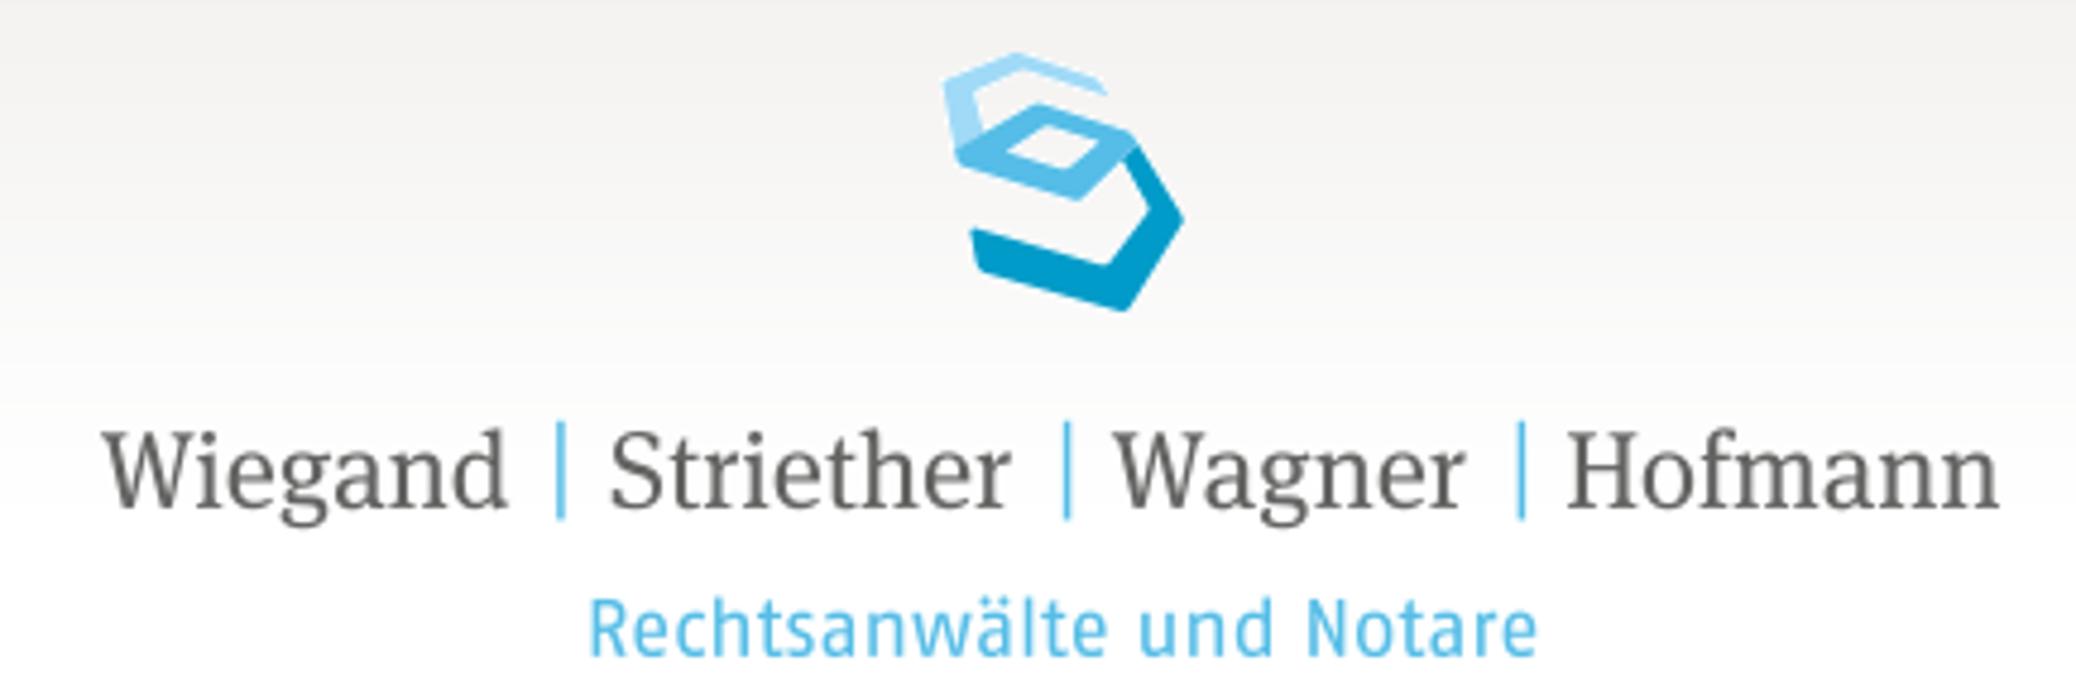 Bild zu Notare und Rechtsanwälte Wiegand Striether Wagner Hofmann in Bad Vilbel